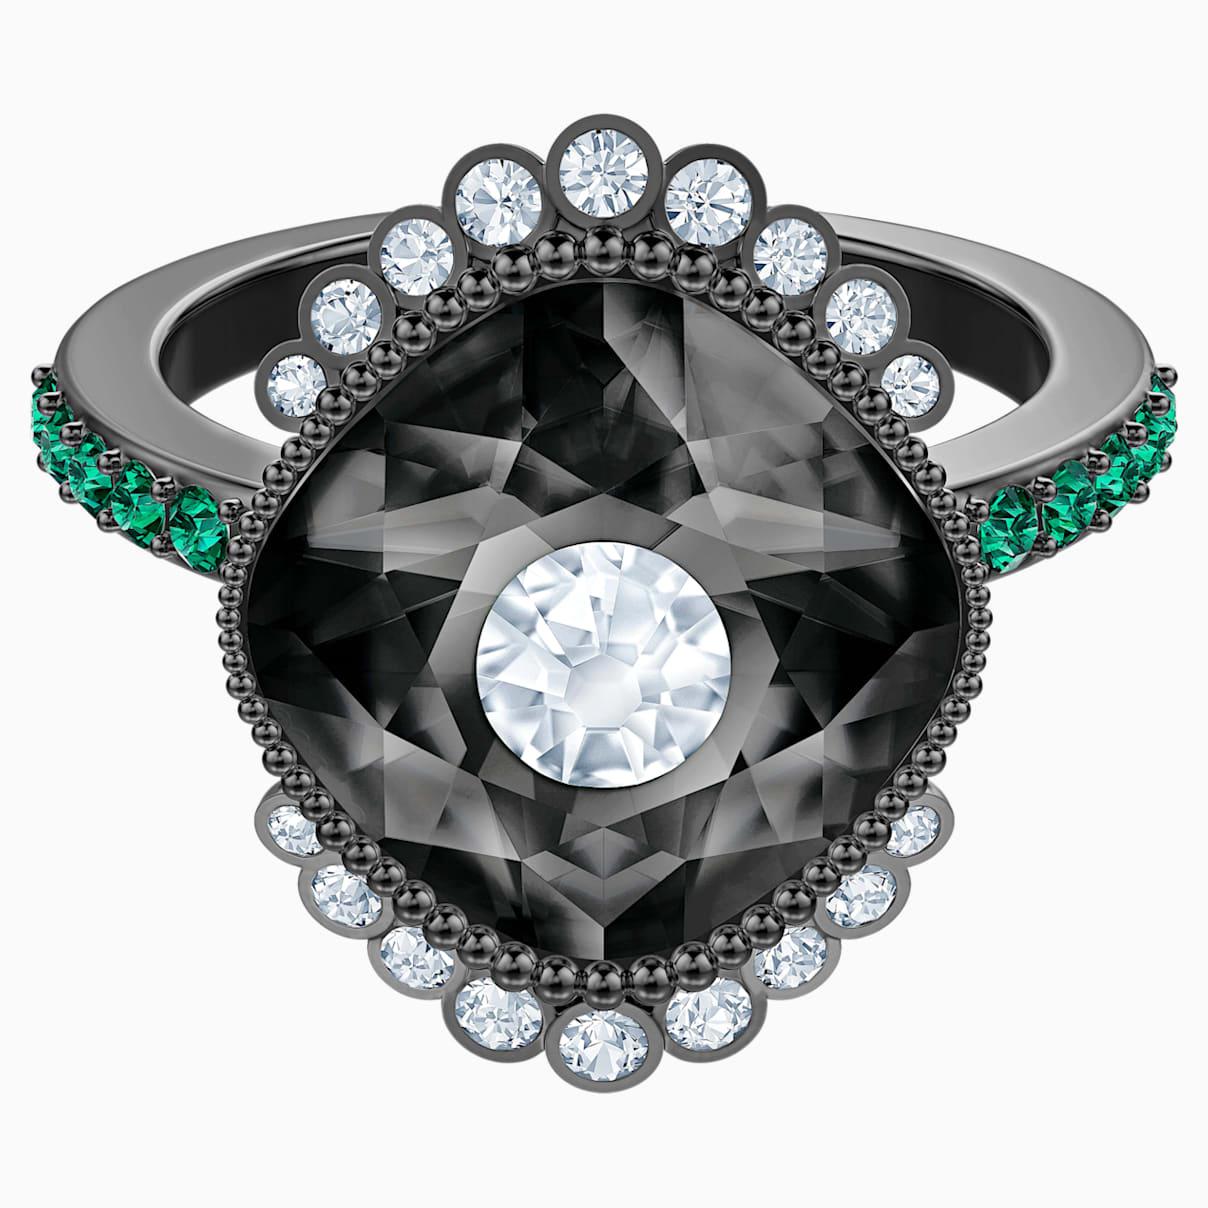 Levně Swarovski Prsten s motivem Black Baroque, vícebarevný, pokovený rutheniem